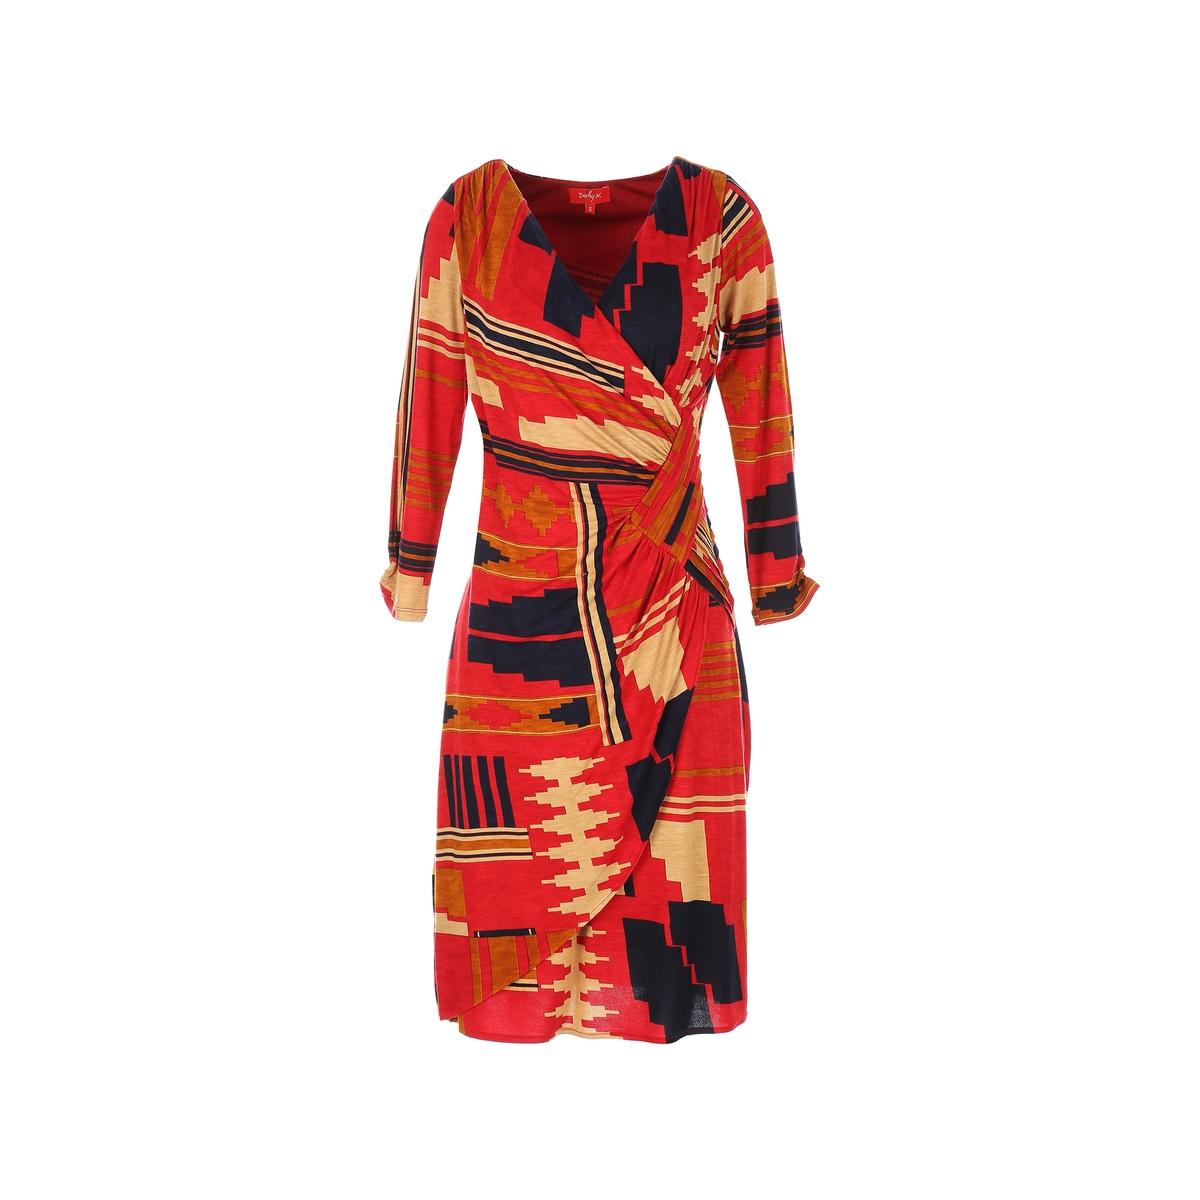 Платье средней длины с запахом и рисункомОписание:Детали •  Форма : с запахом  •  Длина до колен •  Длинные рукава    •   V-образный вырез •  Рисунок-принтСостав и уход •  97% вискозы, 3% эластана •  Подкладка  : 100% полиэстер •  Следуйте советам по уходу, указанным на этикетке<br><br>Цвет: красный/ оранжевый<br>Размер: M